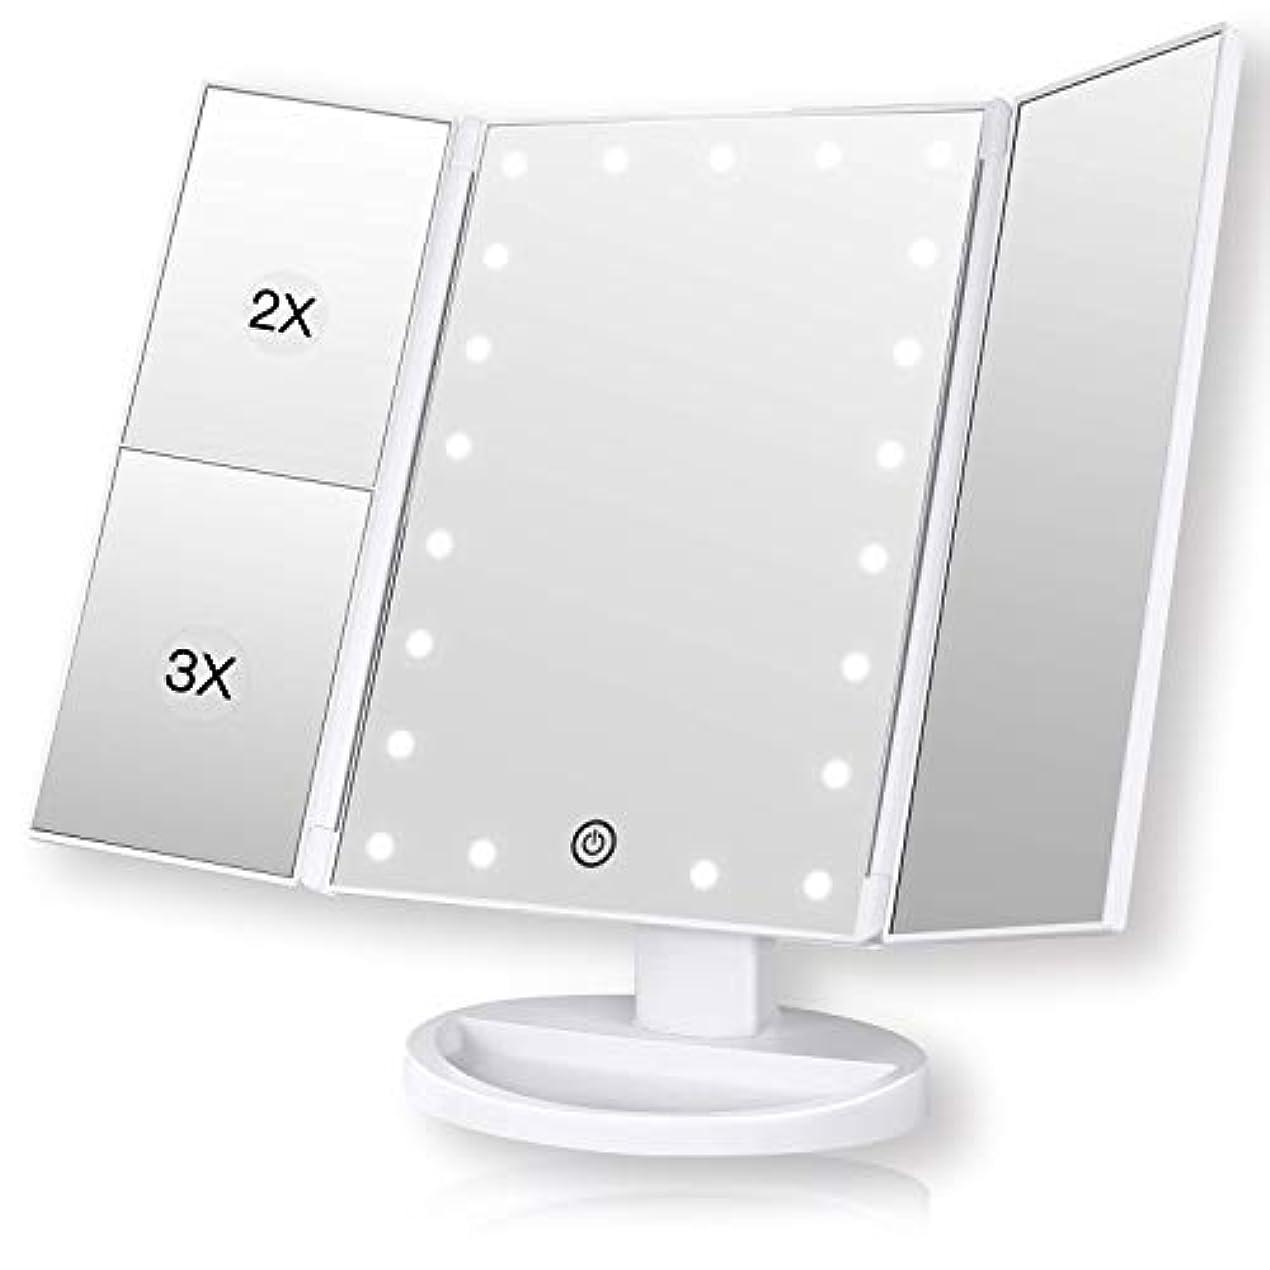 注釈ランタン夜明けROZZERMAN 化粧鏡 卓上ミラー 三面鏡 ledライト 女優ミラー 折りたたみ 持ち運び 拡大鏡 2倍 3倍 角度調整